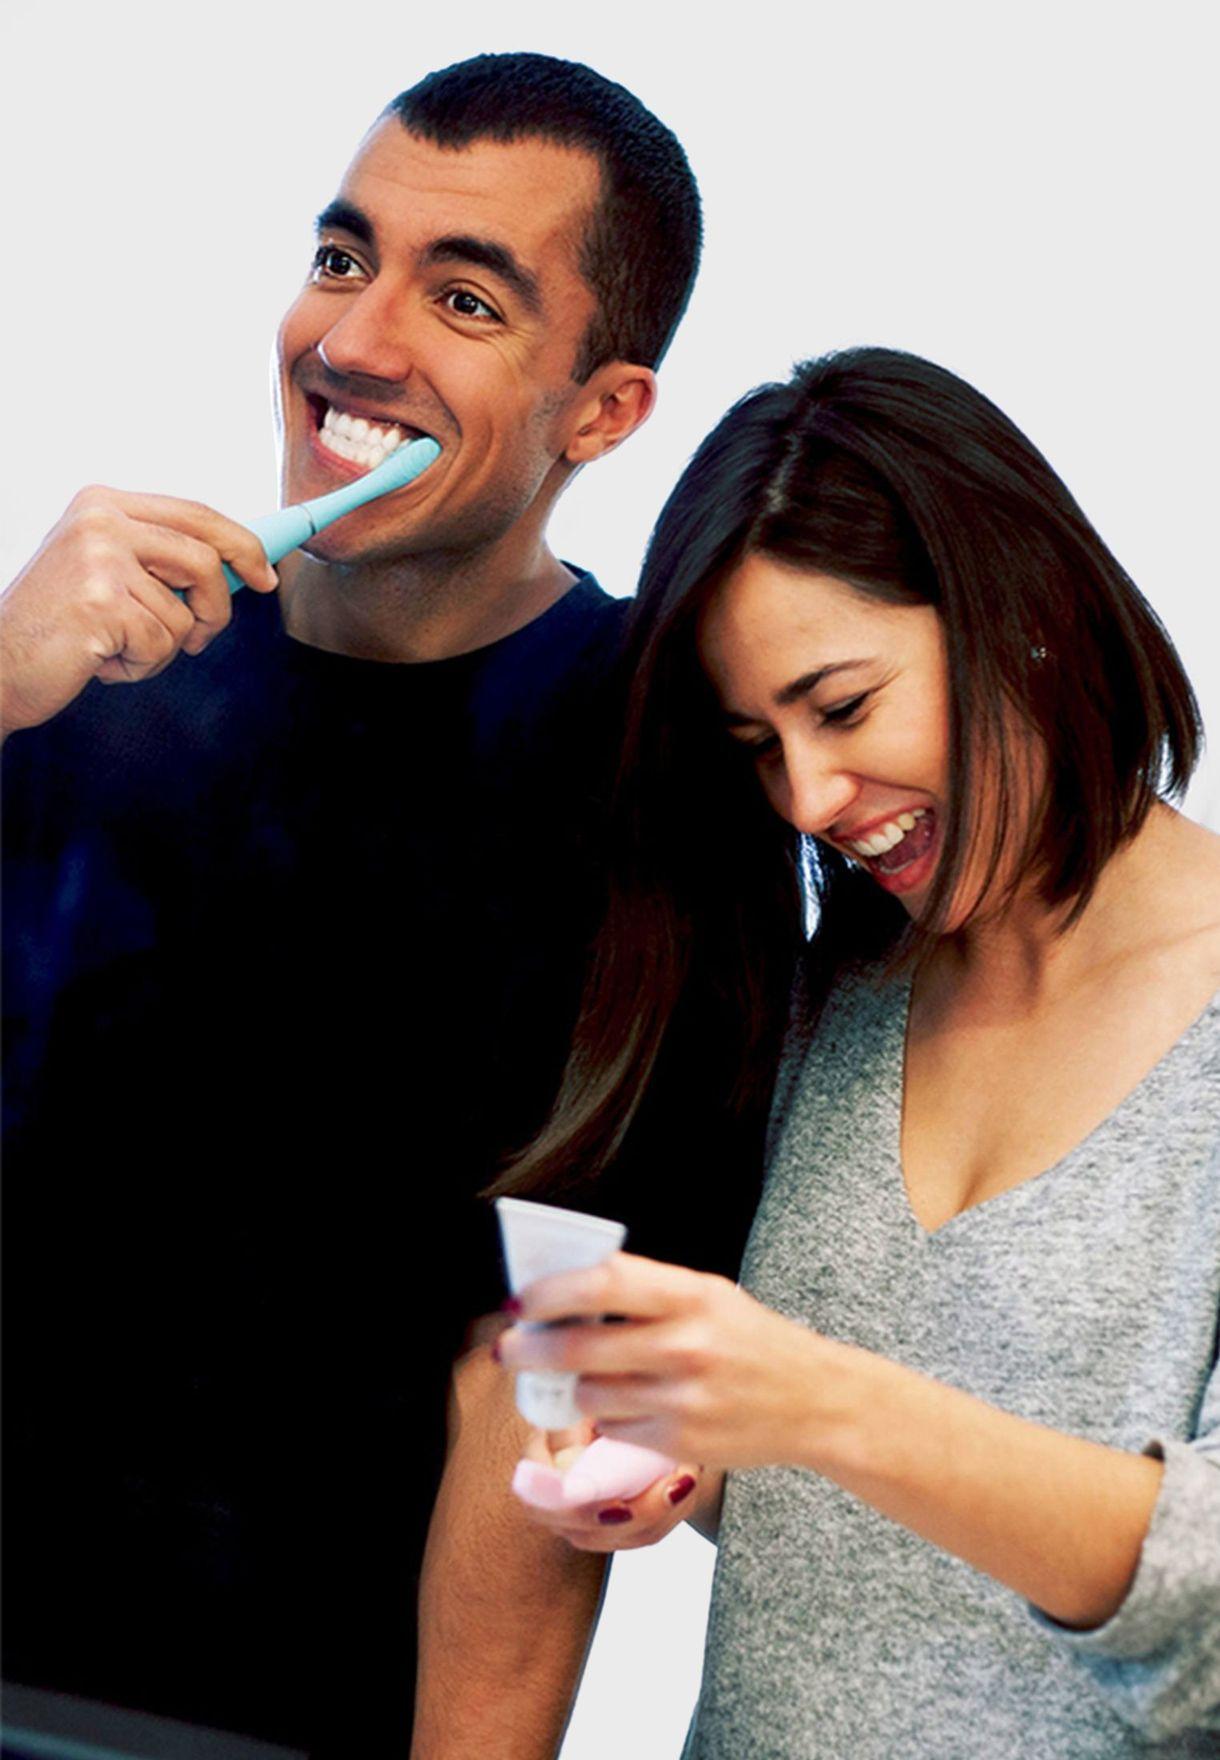 فرشاة اسنان ايسا 2 اليكترونيك سونيك - نعناعي